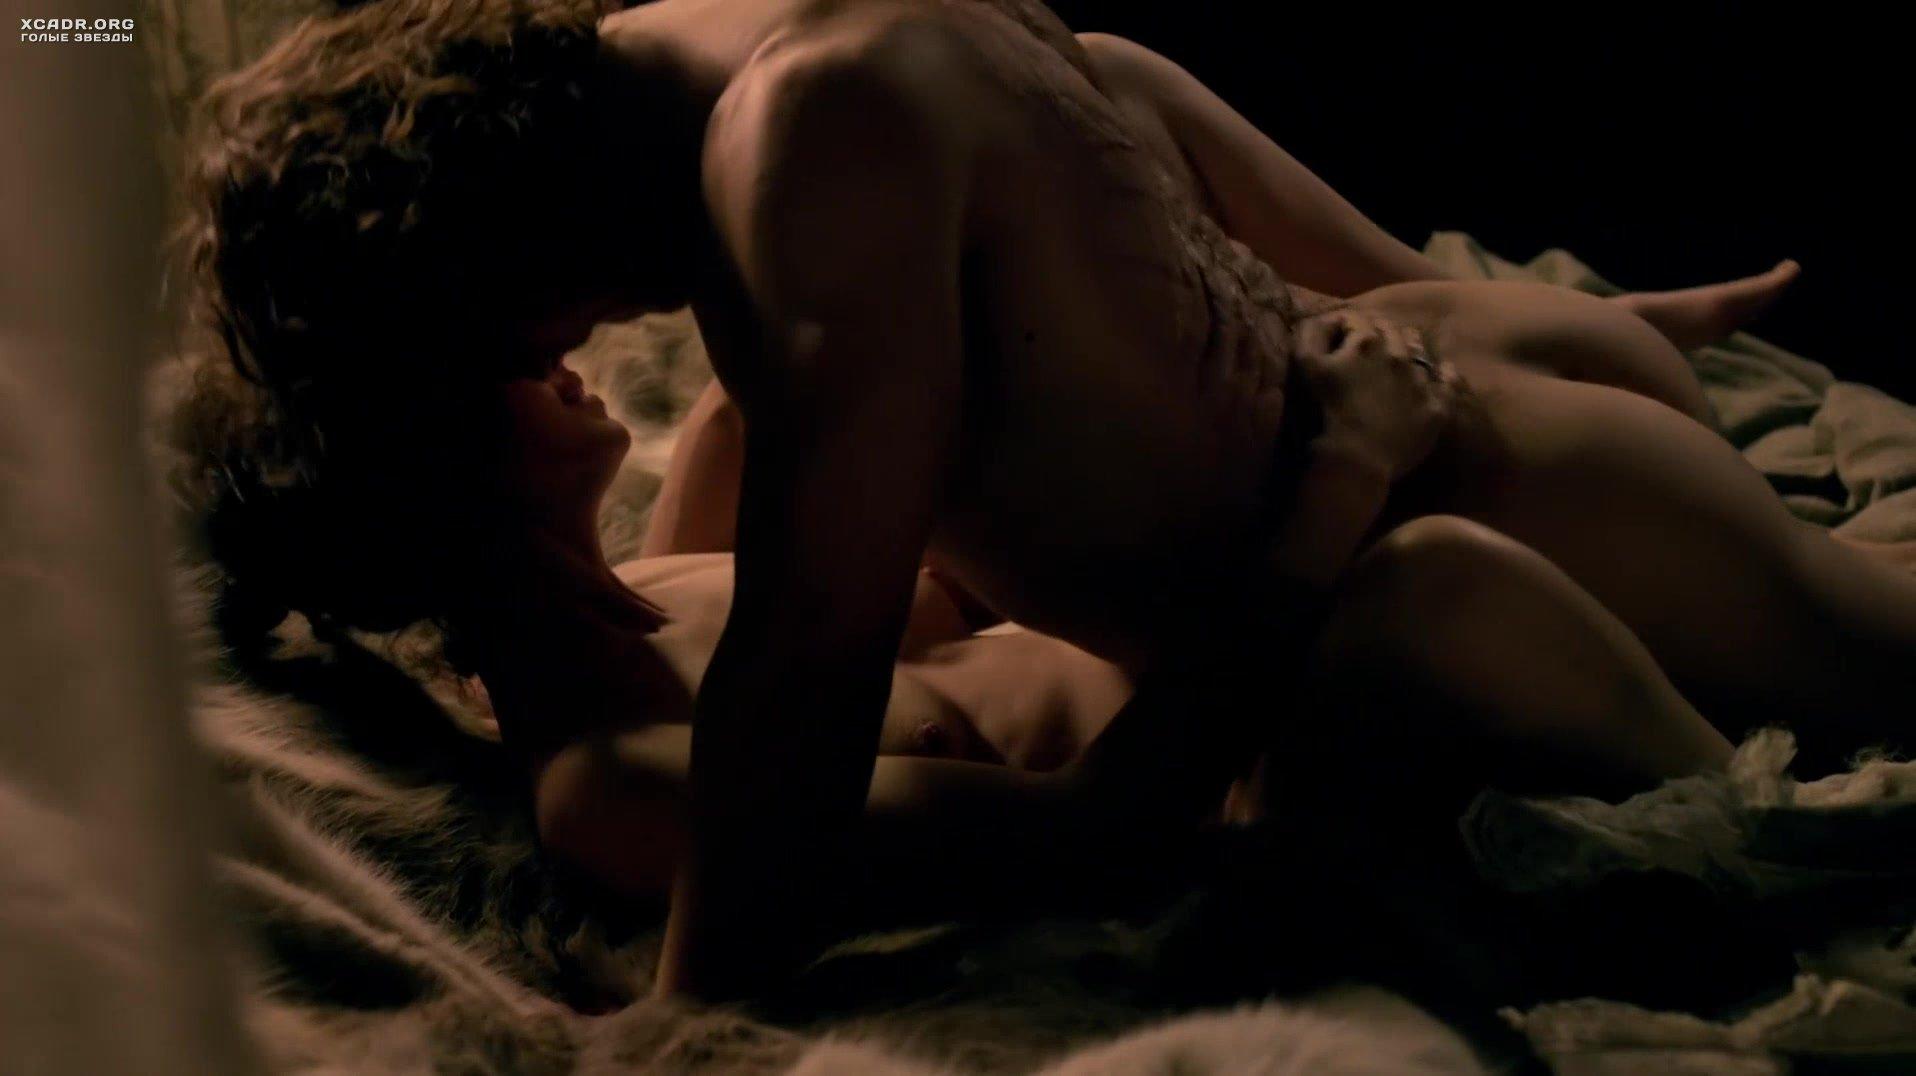 секс сцены на минуту видео что